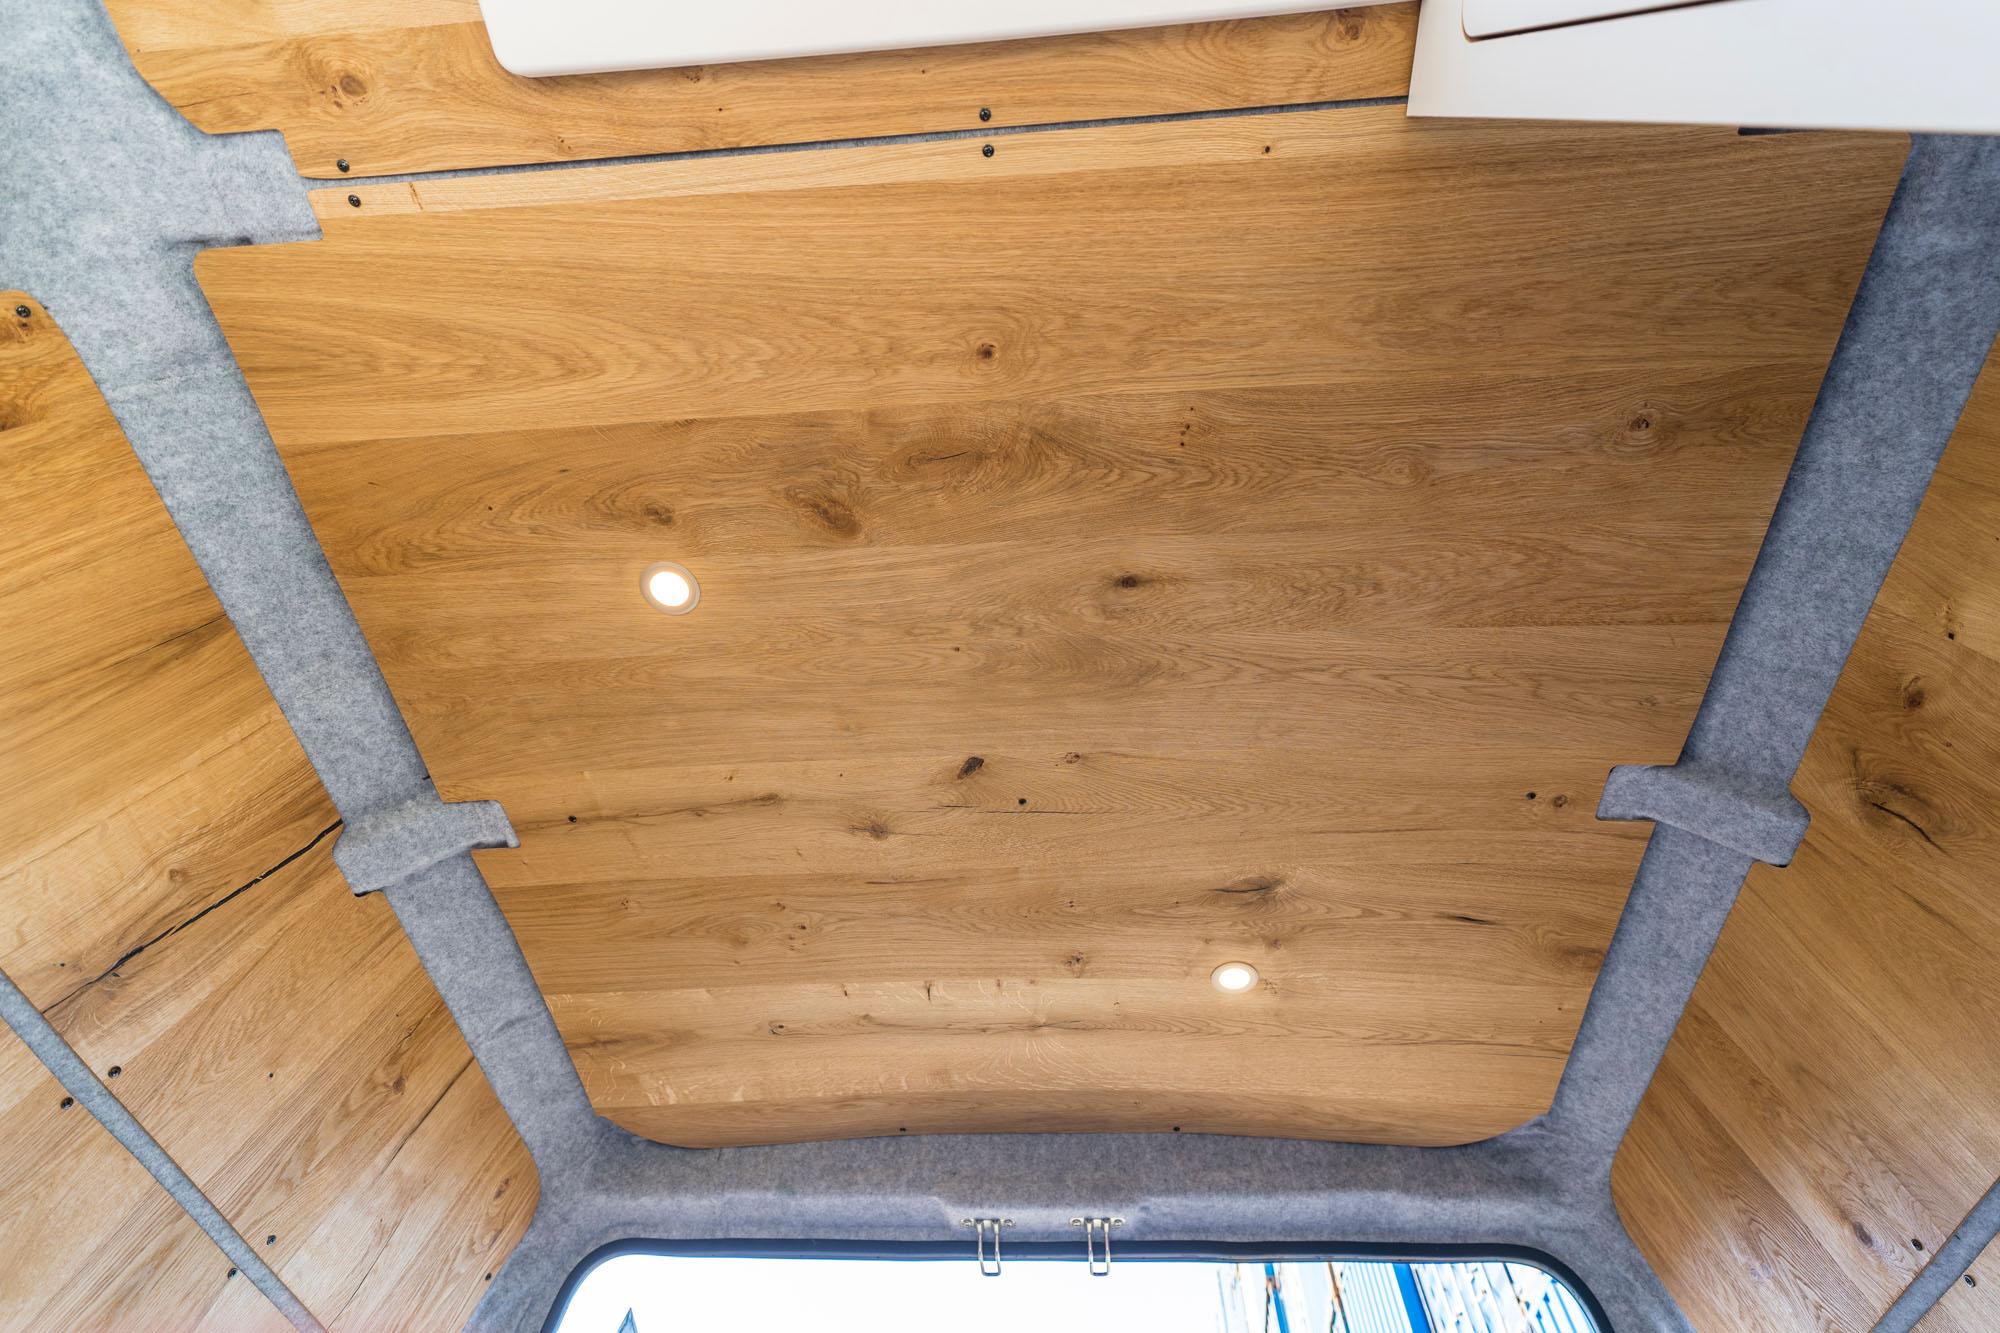 Echtholz-Decke mit warmen Licht